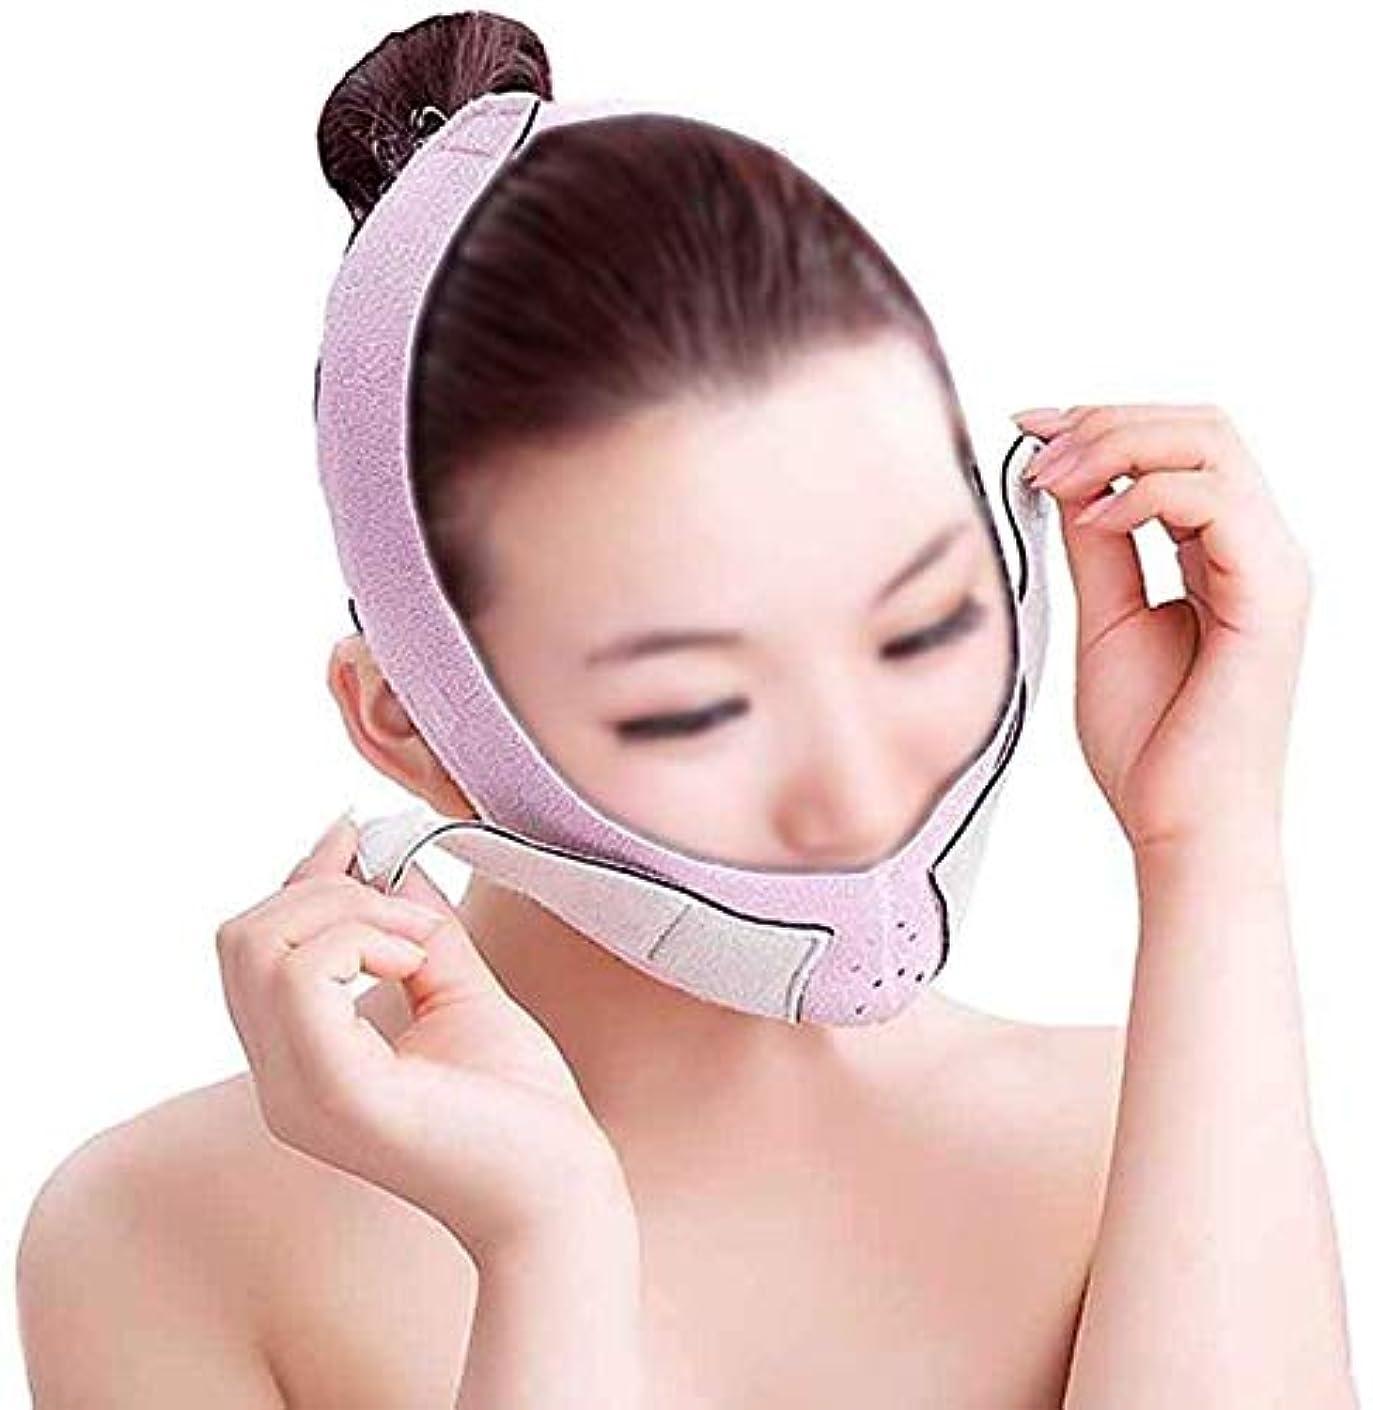 あえて簡略化する拳美容と実用的なSlim身ベルト、フェイシャルマスク3DフェイスリフトファーミングフェイスコレクションベルトパワフルフェイスアーティファクトスモールフェイスバンデージリフティングVフェイスマスク(色:B)